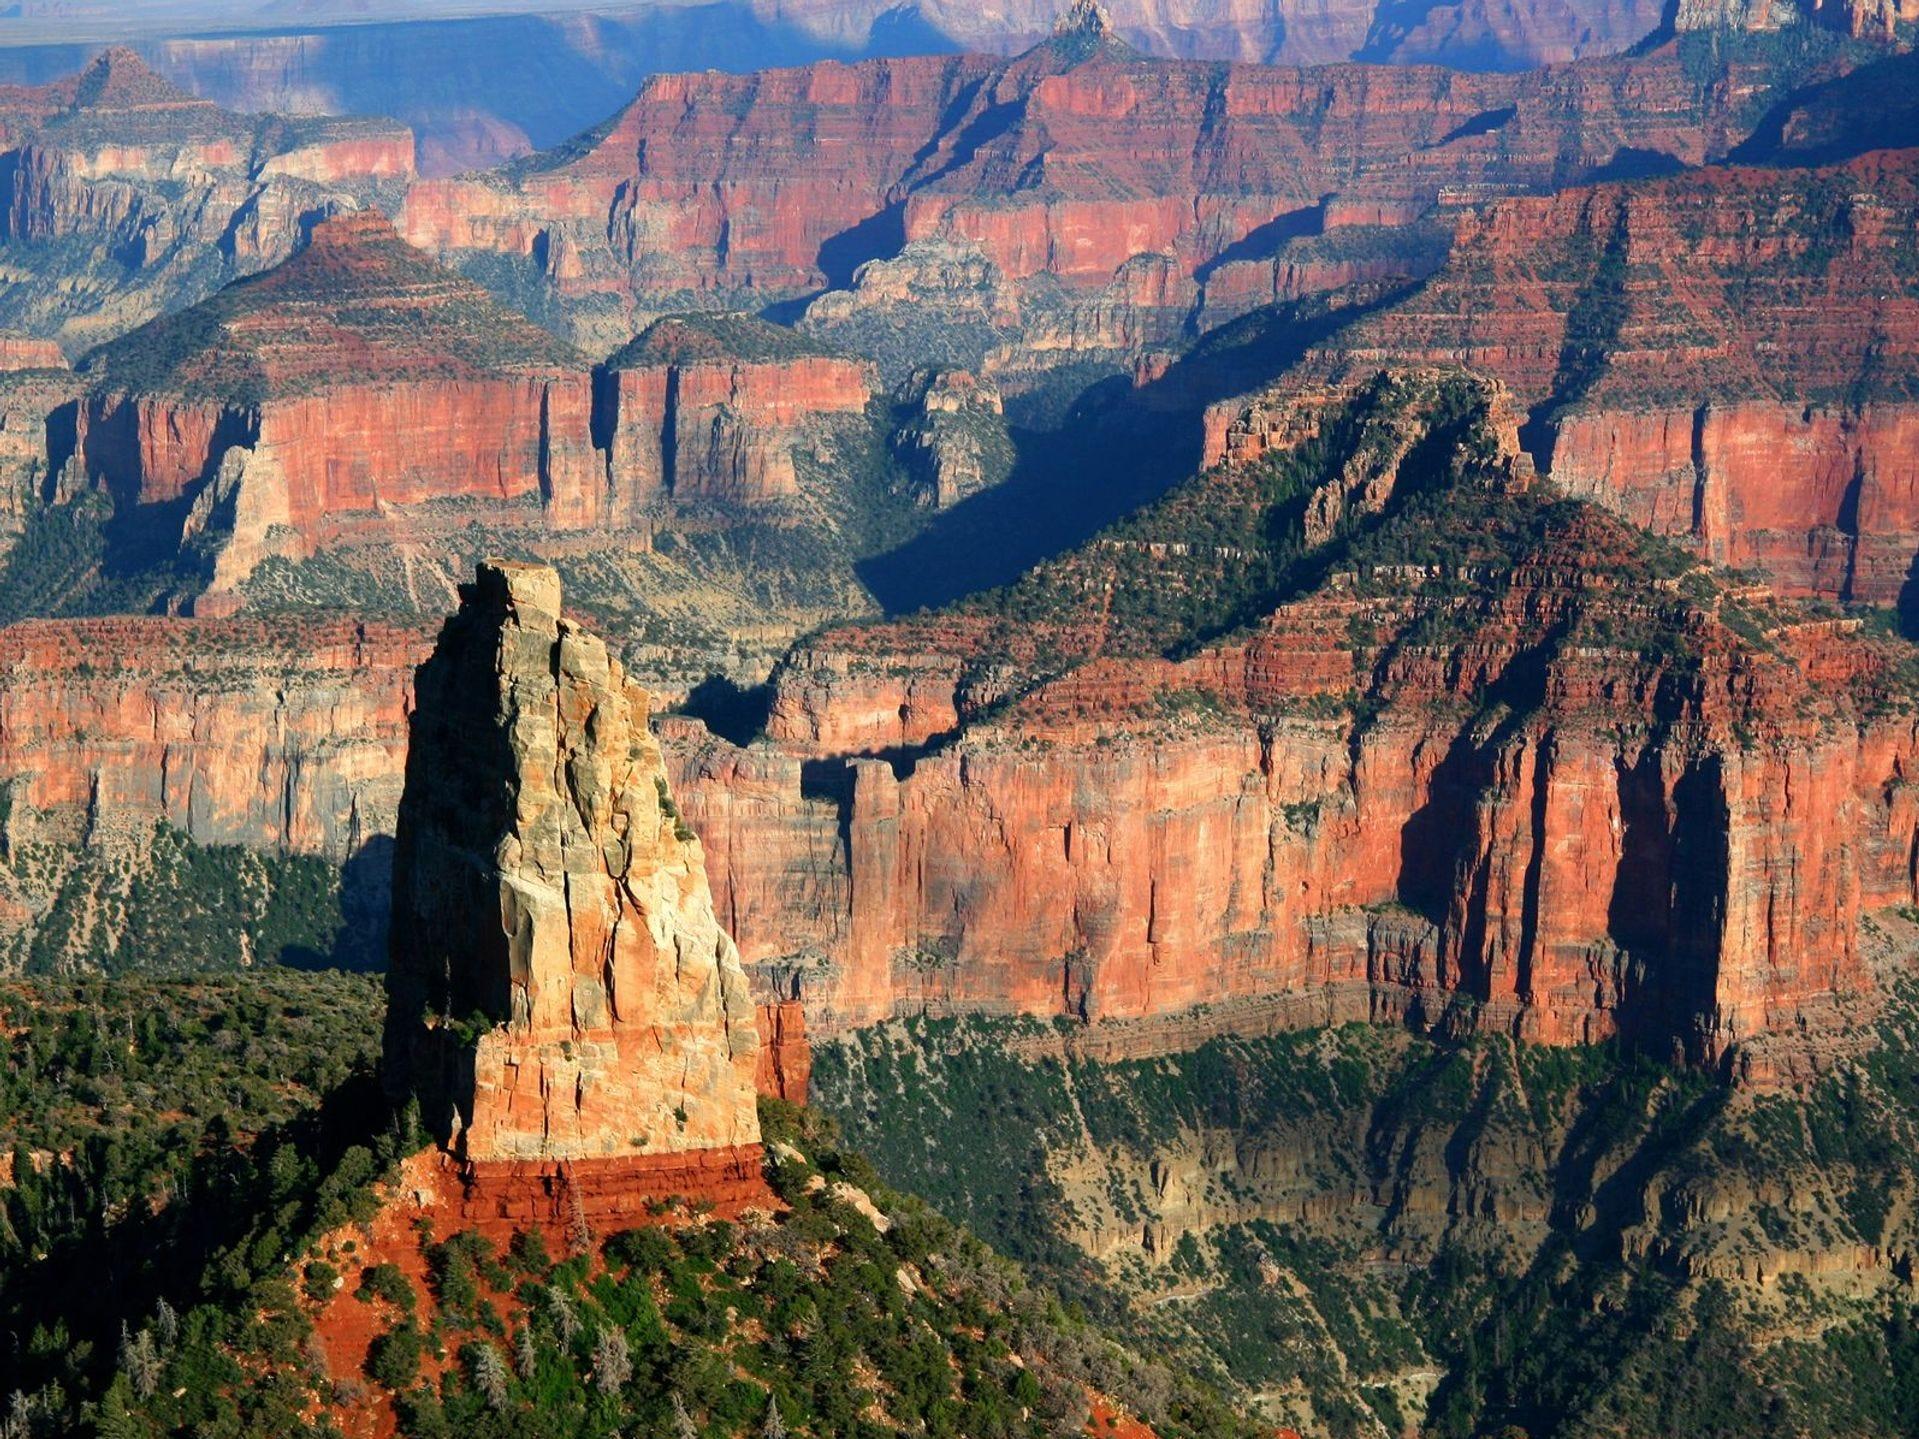 La vista desde Point Imperial, el punto más alto en el North Rim a 8,803 pies.